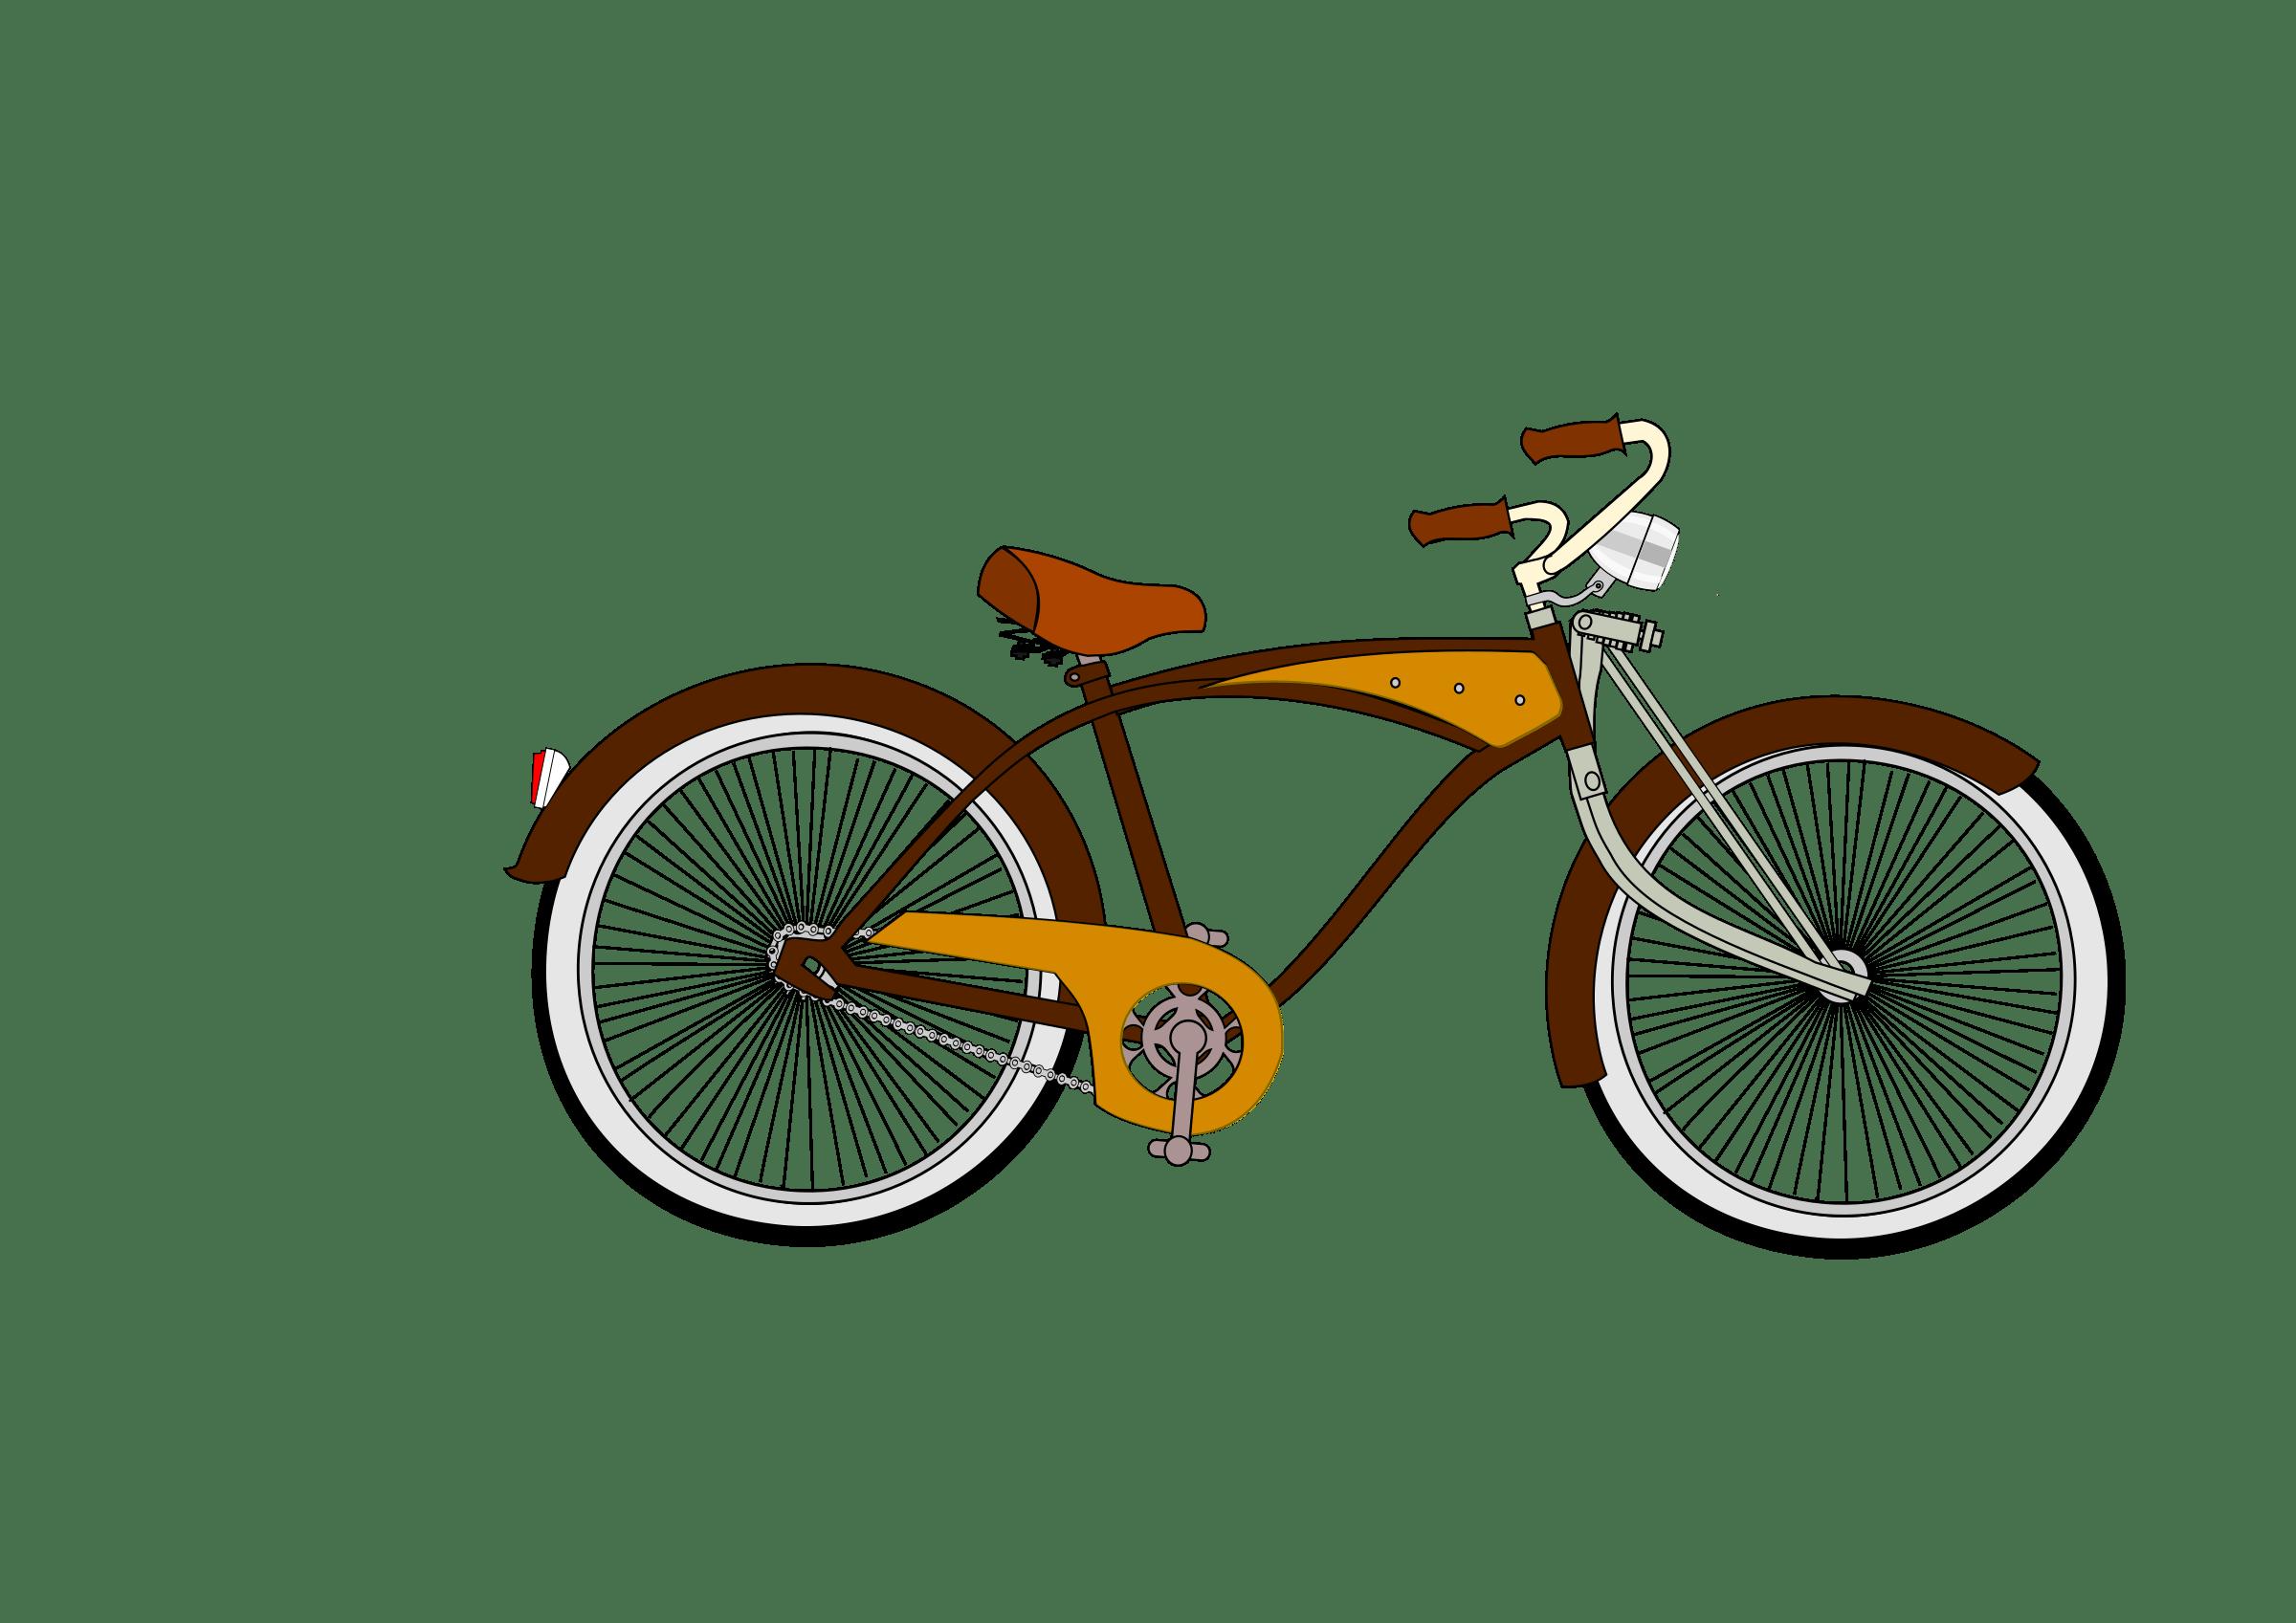 Bicicleta clipart 3 » Clipart Portal.